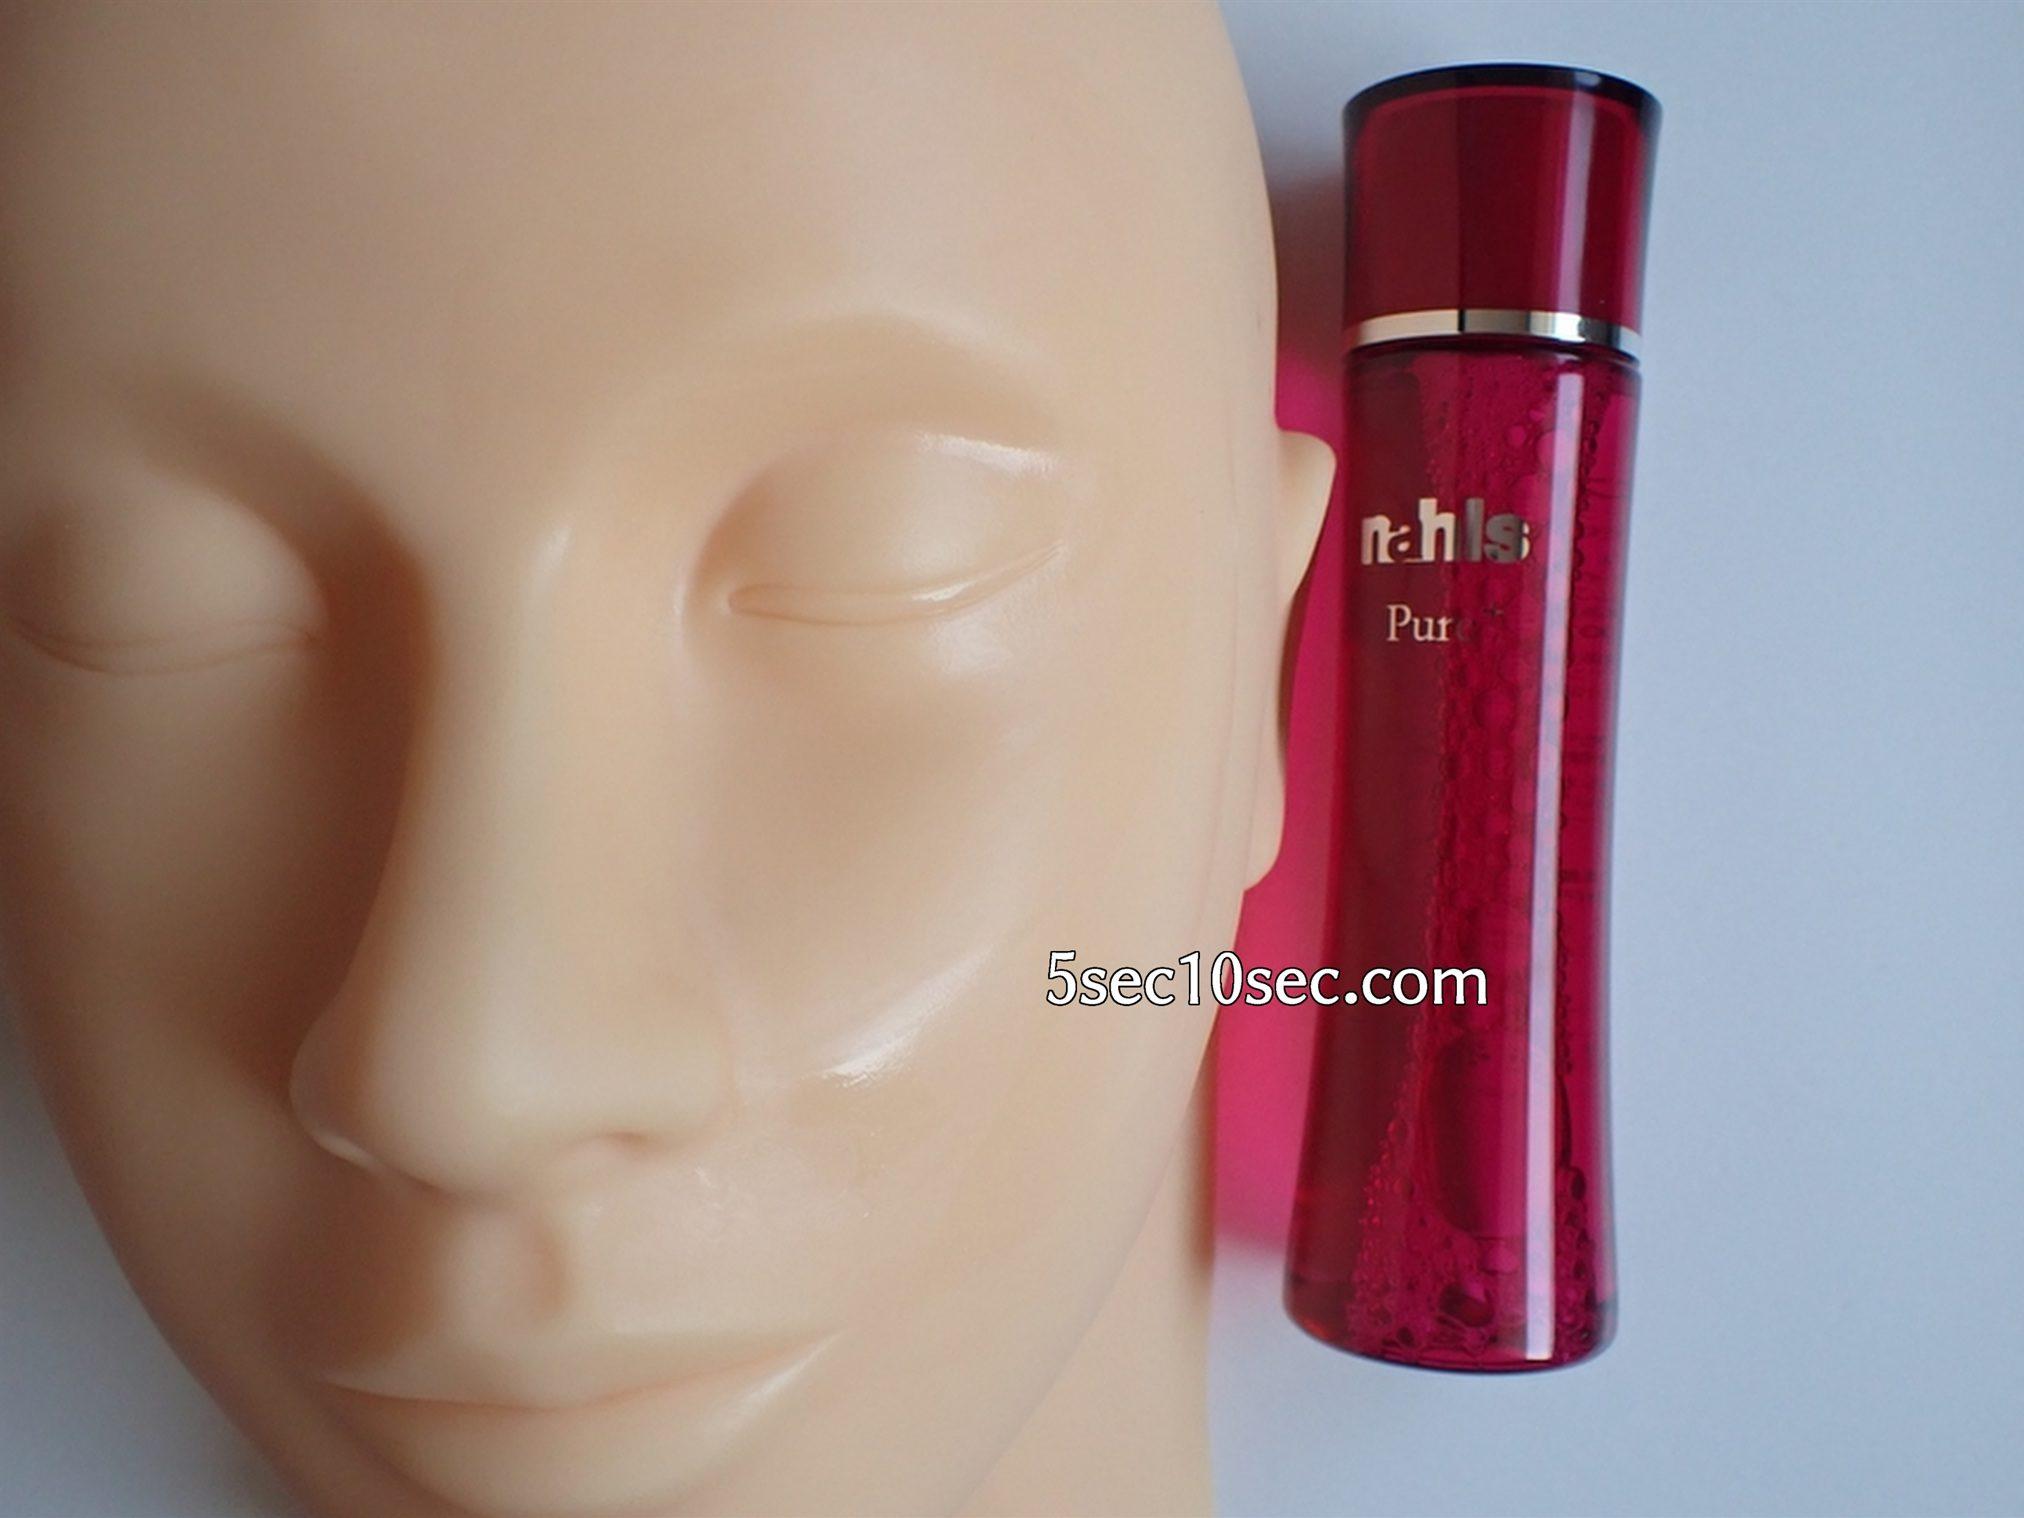 株式会社ディープインパクト ナールスピュア ナールスゲン配合化粧水 使用写真